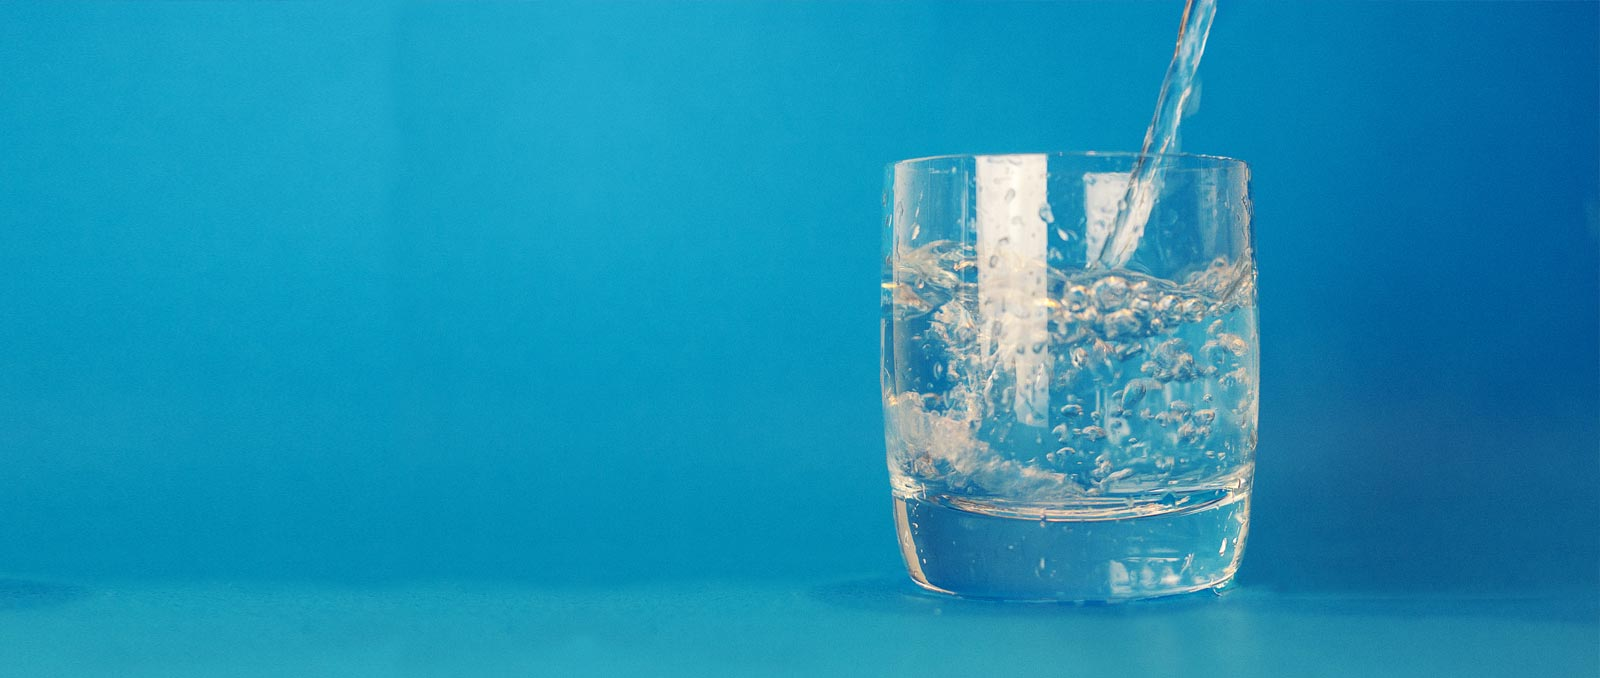 agua distribuidor de bebidas castellon